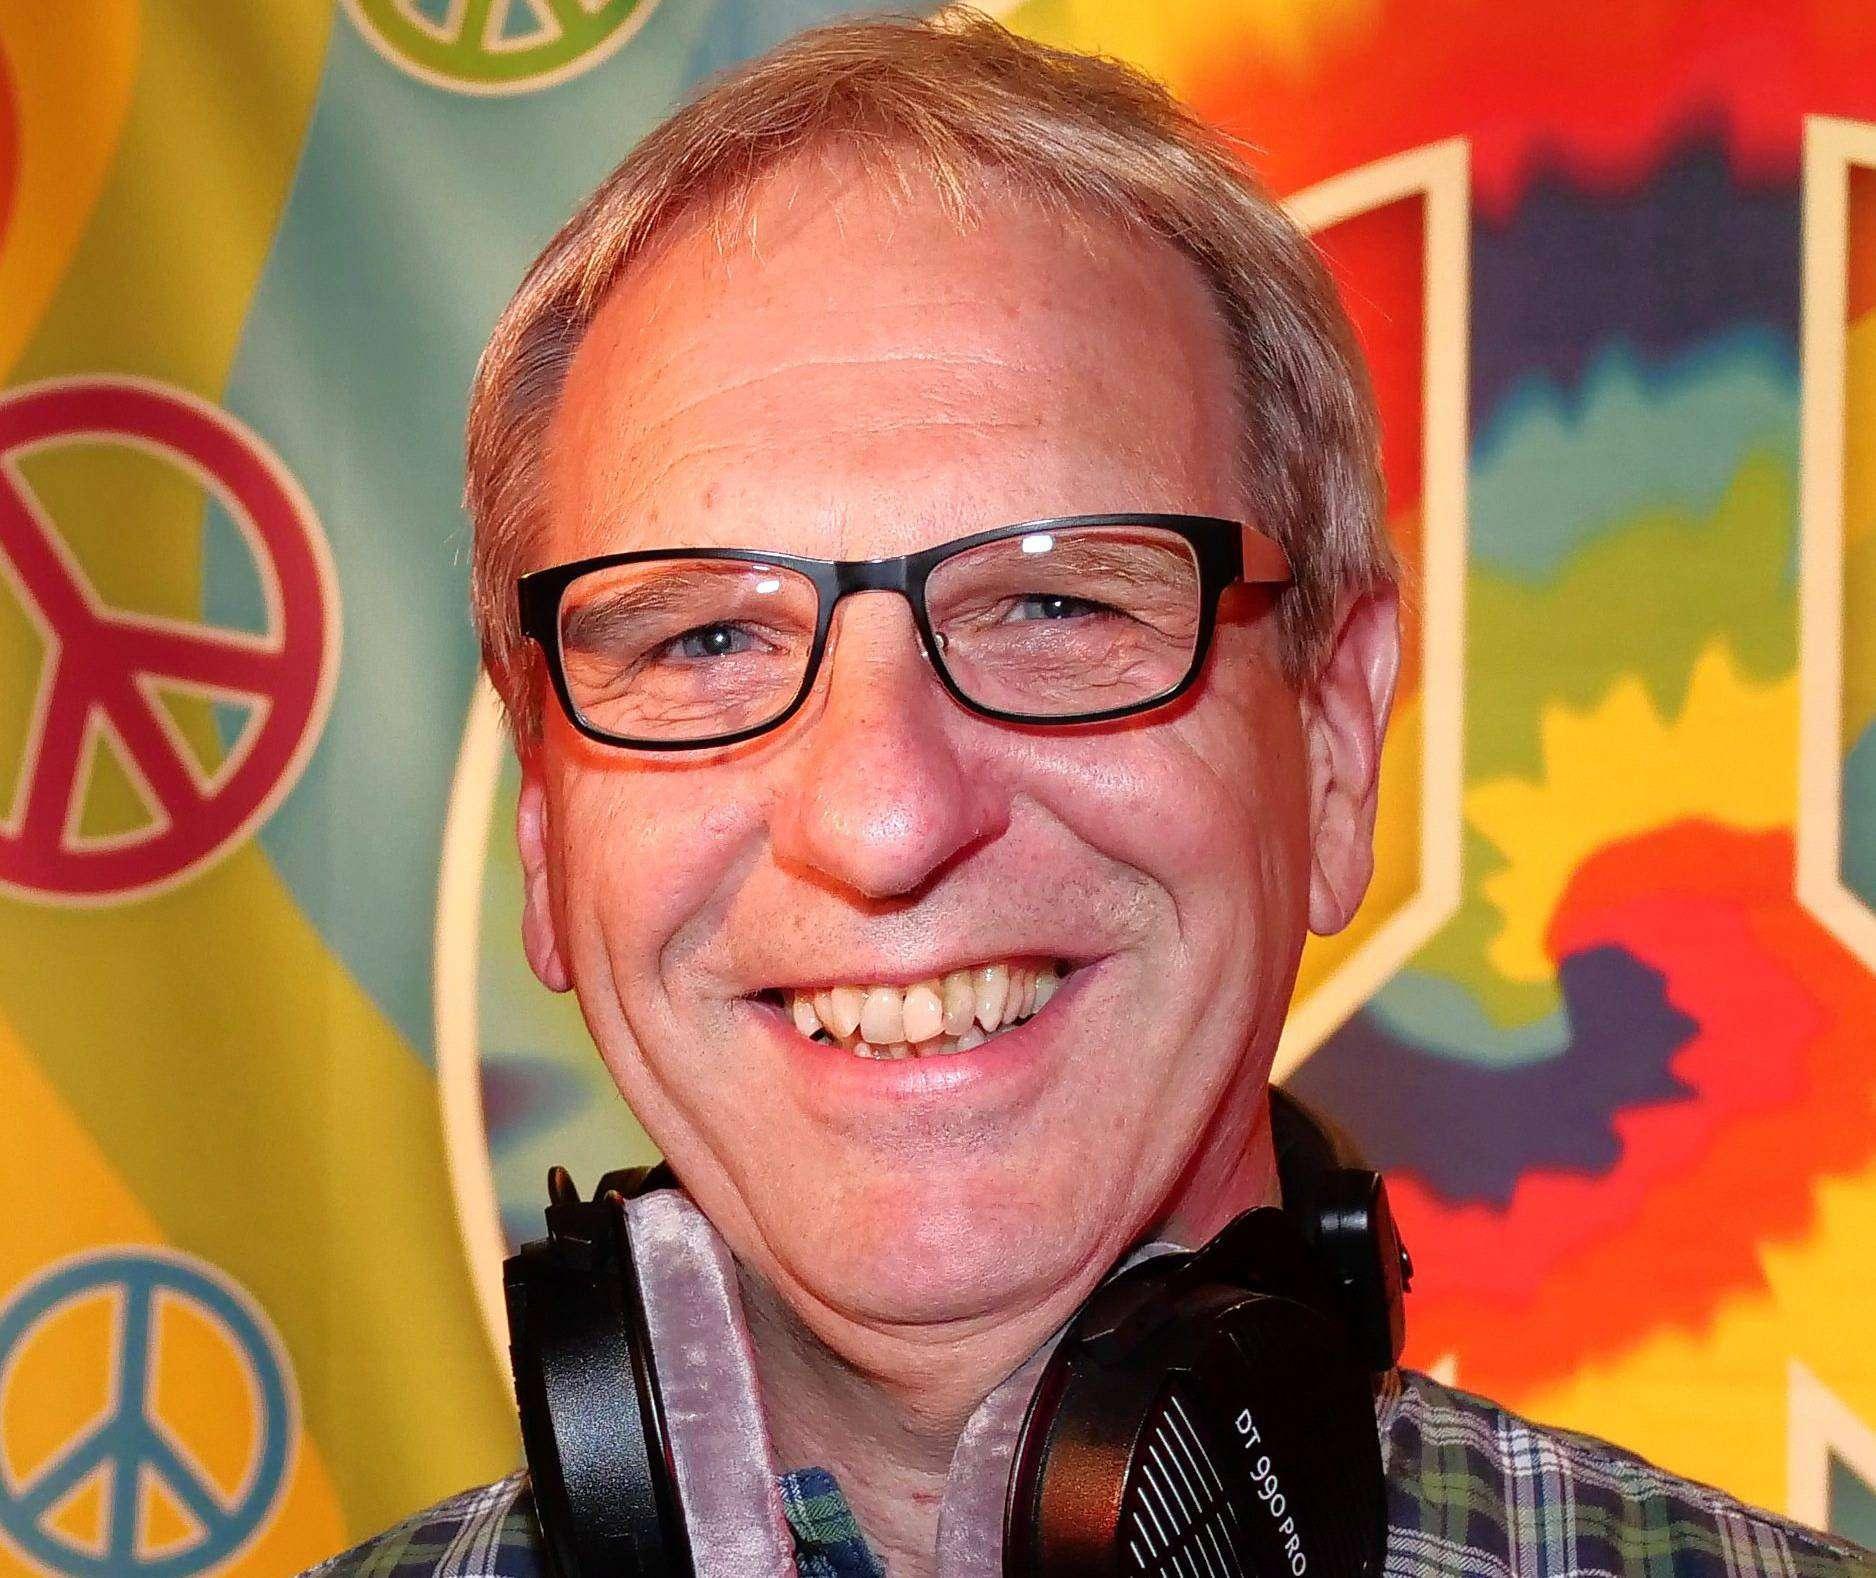 Musiker und DJ Bobby Meyer ruft zum Mitsingen auf.